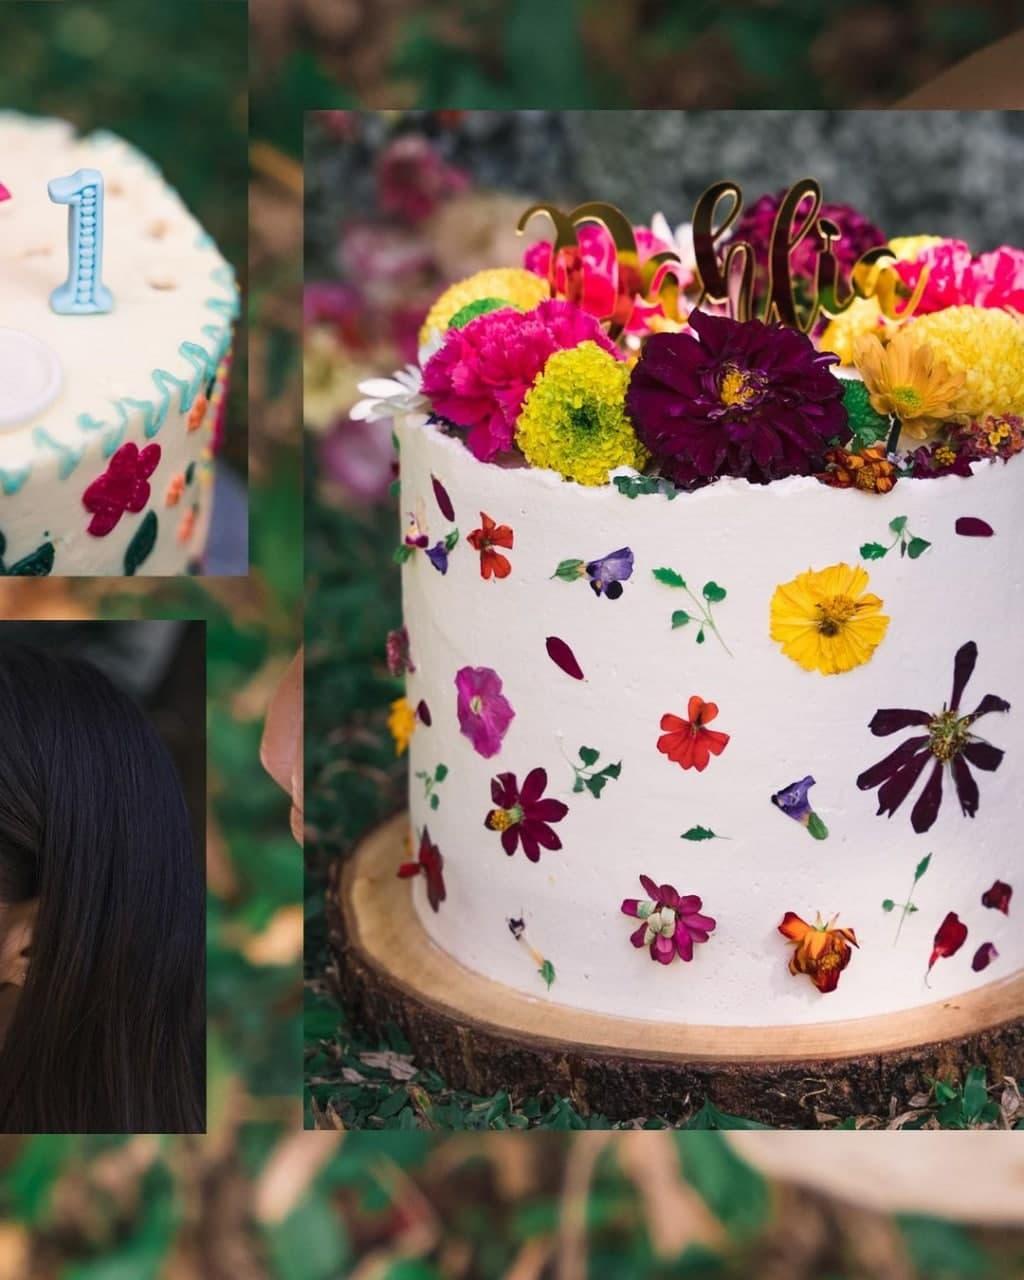 Dahlia Amélie's birthday cake